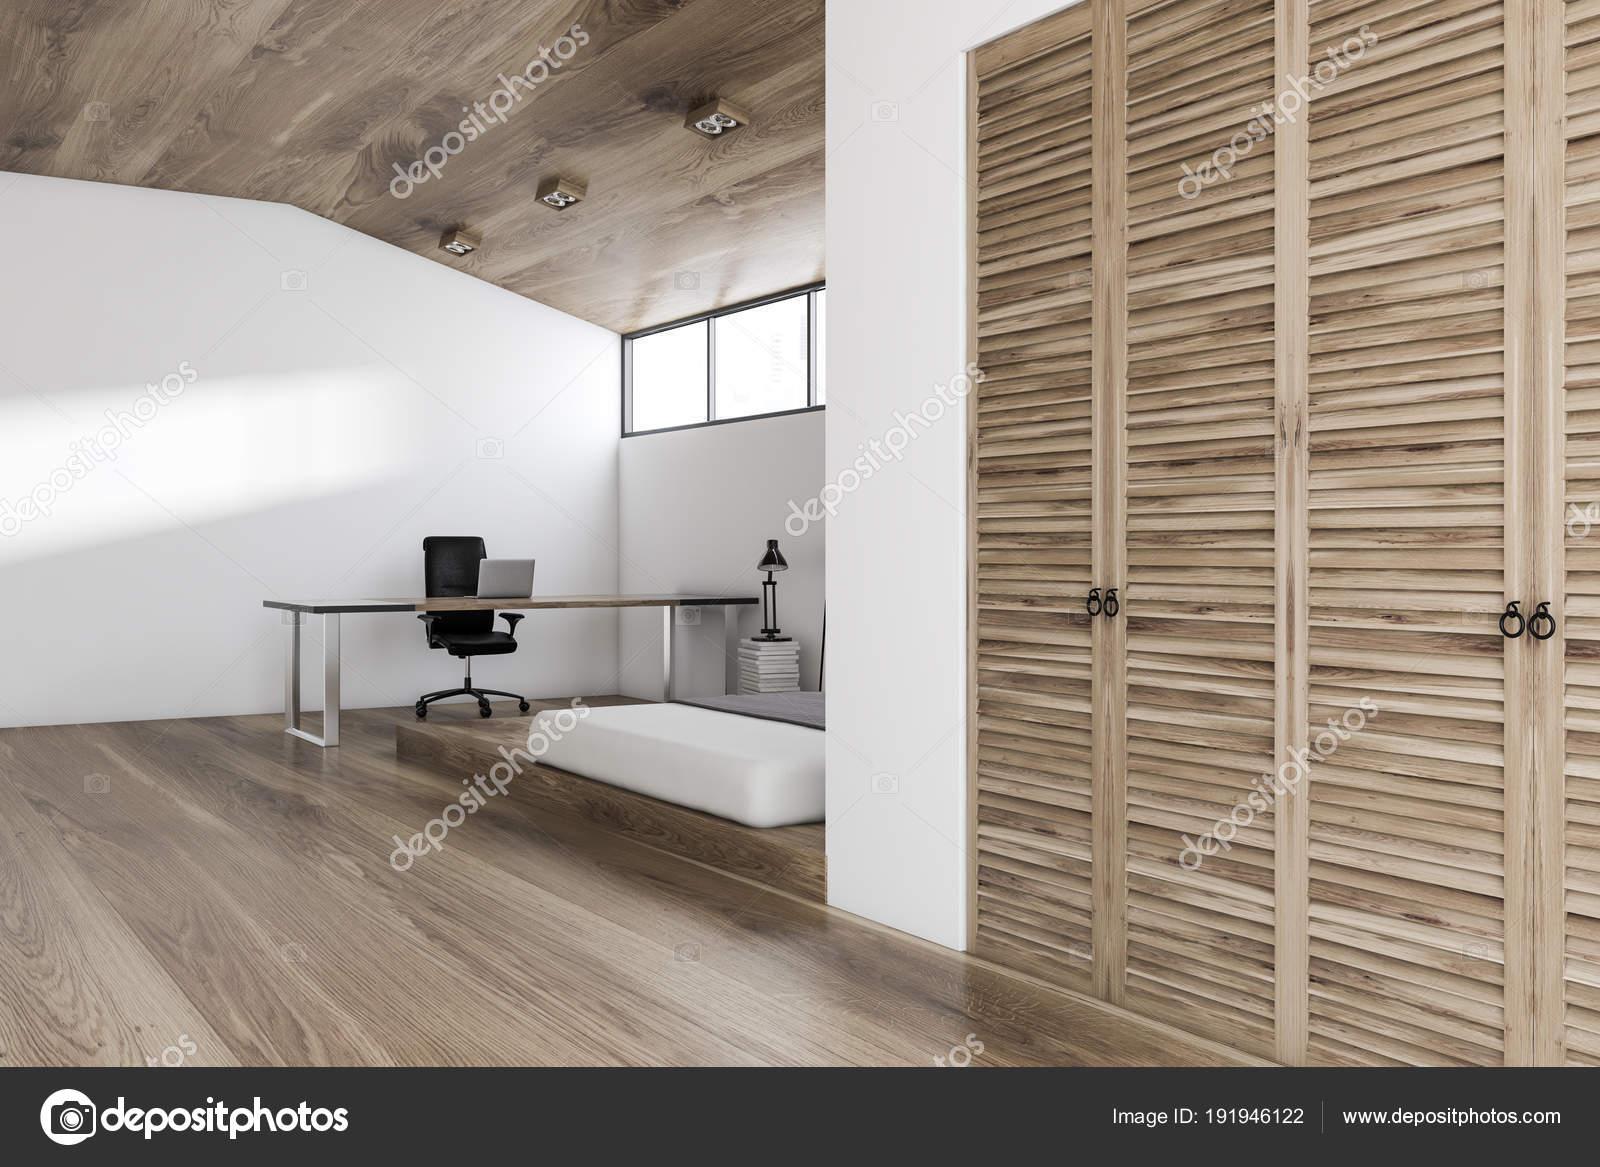 Ufficio Casa Legno : Parete bianca camera da letto e angolo ufficio casa legno